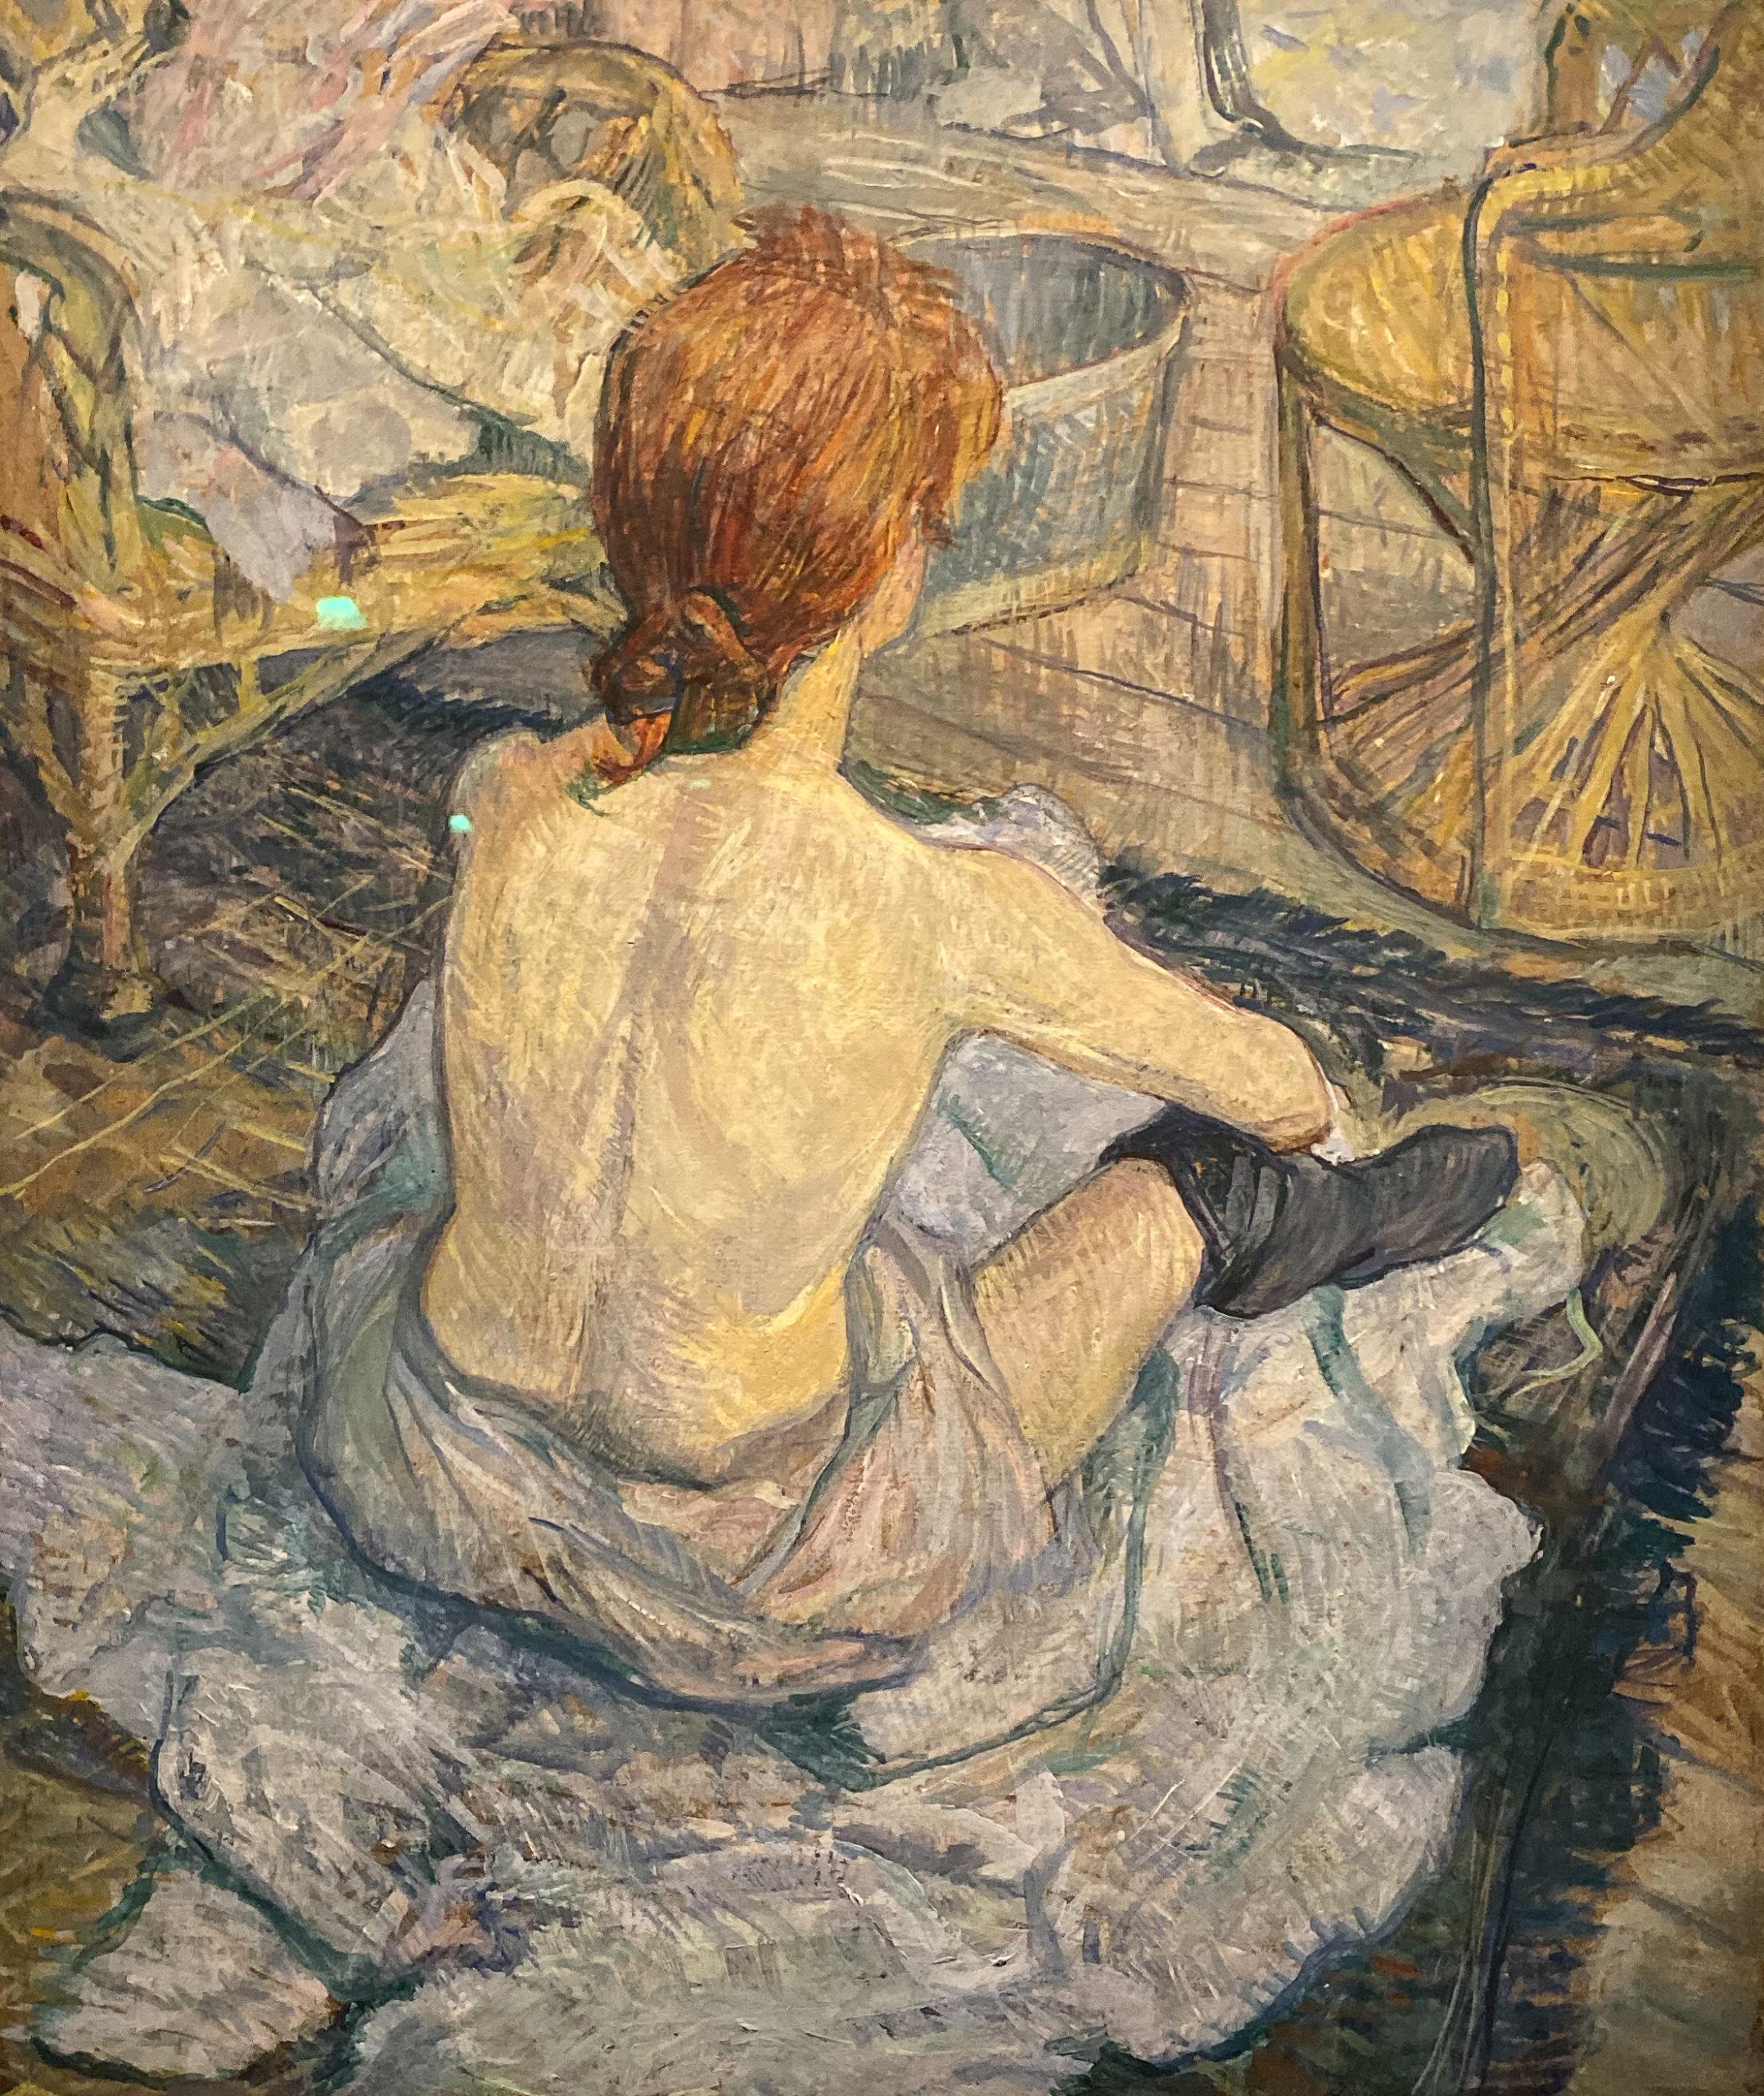 Toulouse-Lautrec im Grand Palais 2019/20 La Toilette - Carmen Gaudin